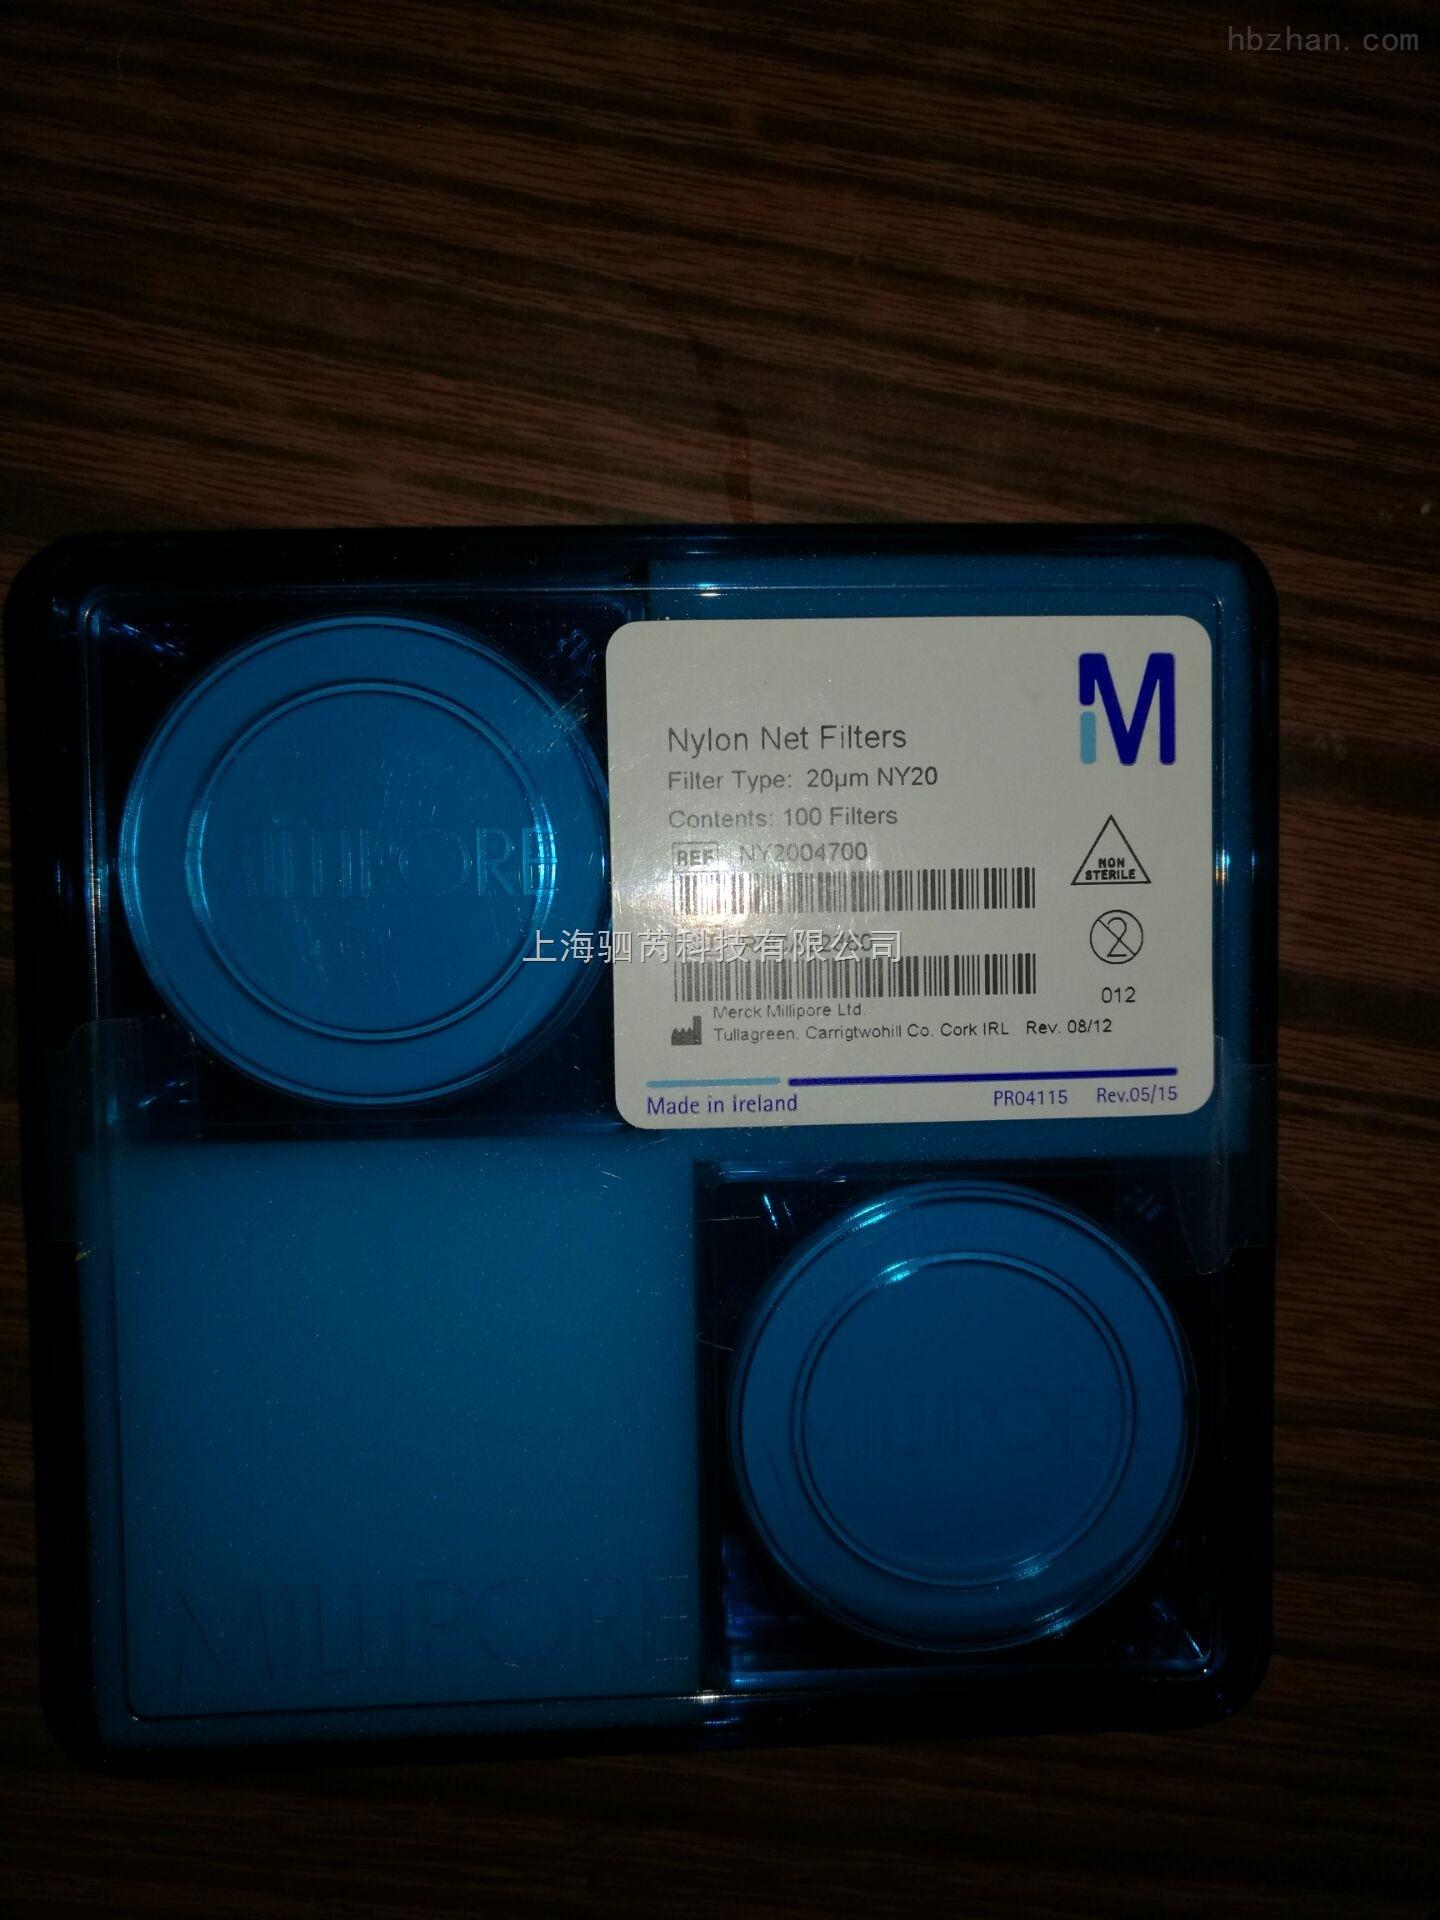 Millipore 尼龙网格膜 20um NY2004700